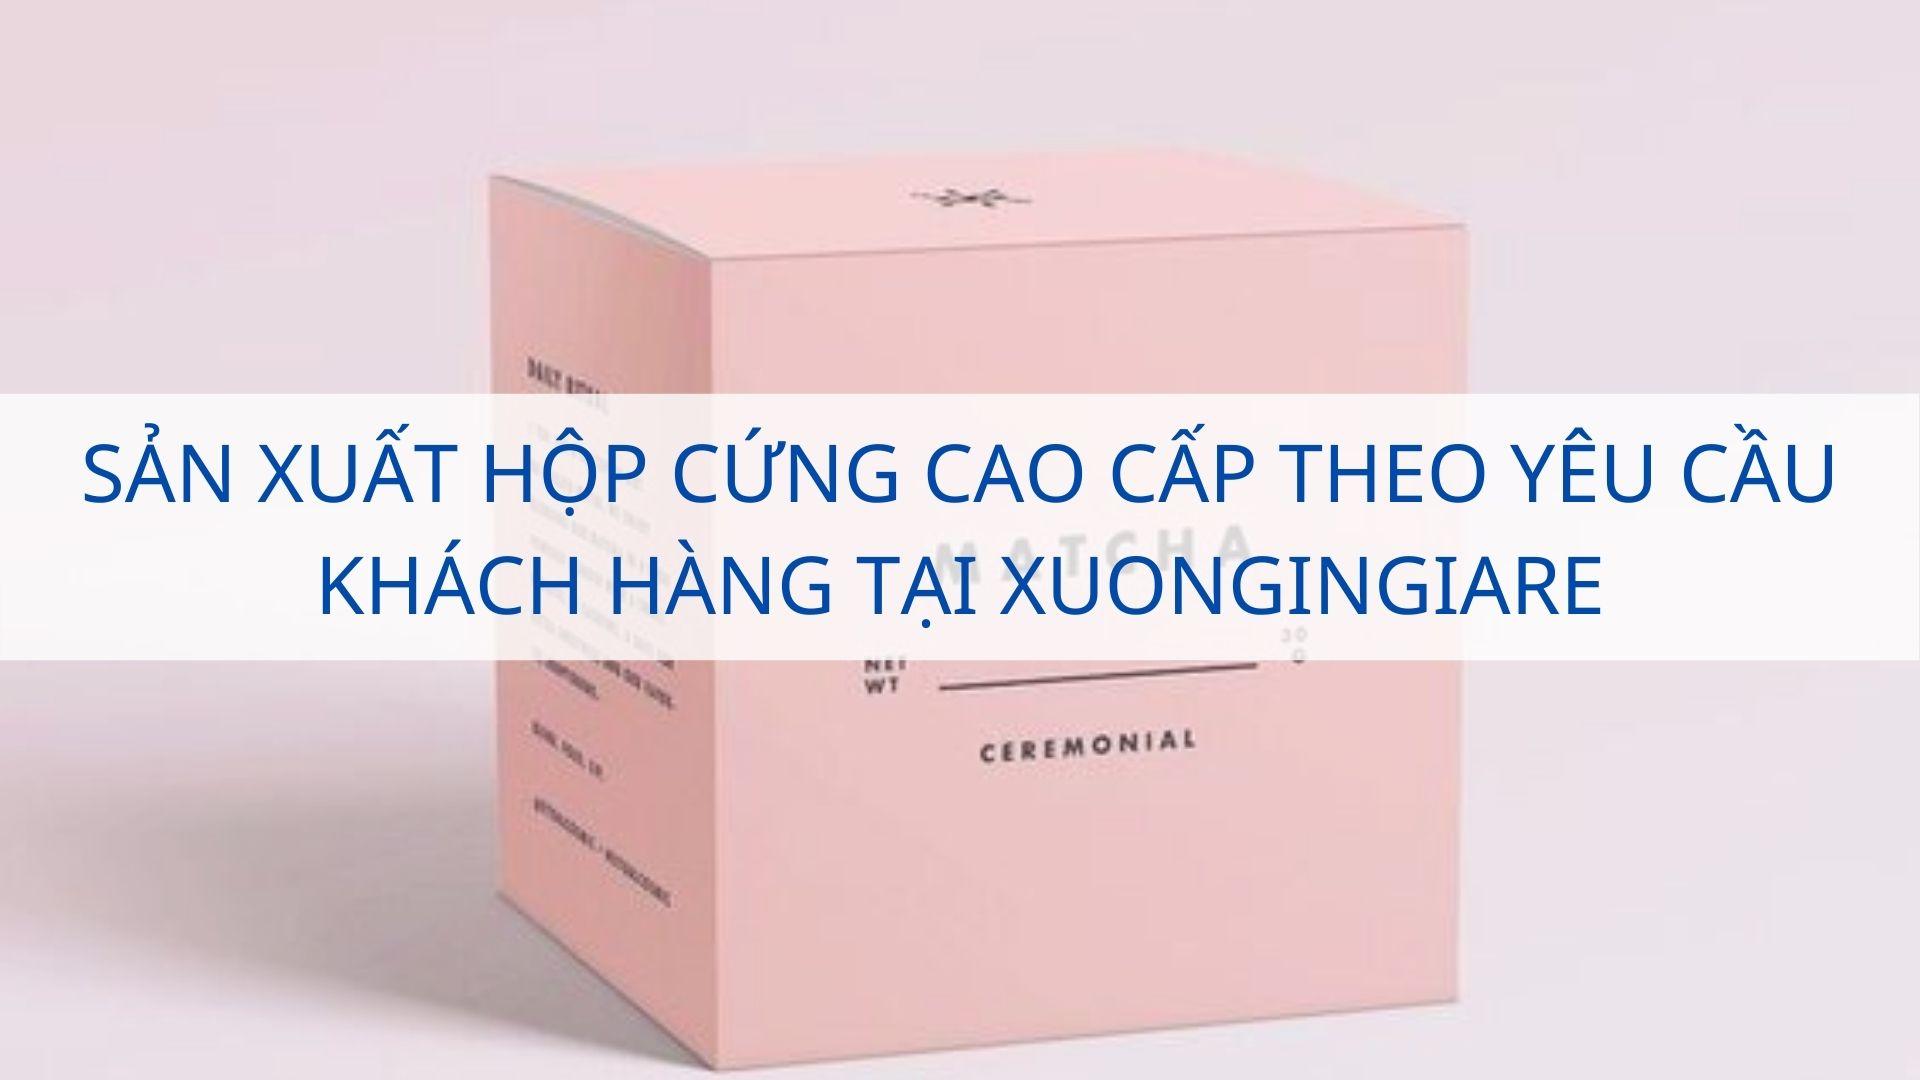 Sản xuất hộp cứng cao cấp theo yêu cầu khách hàng tại Xuongingiare